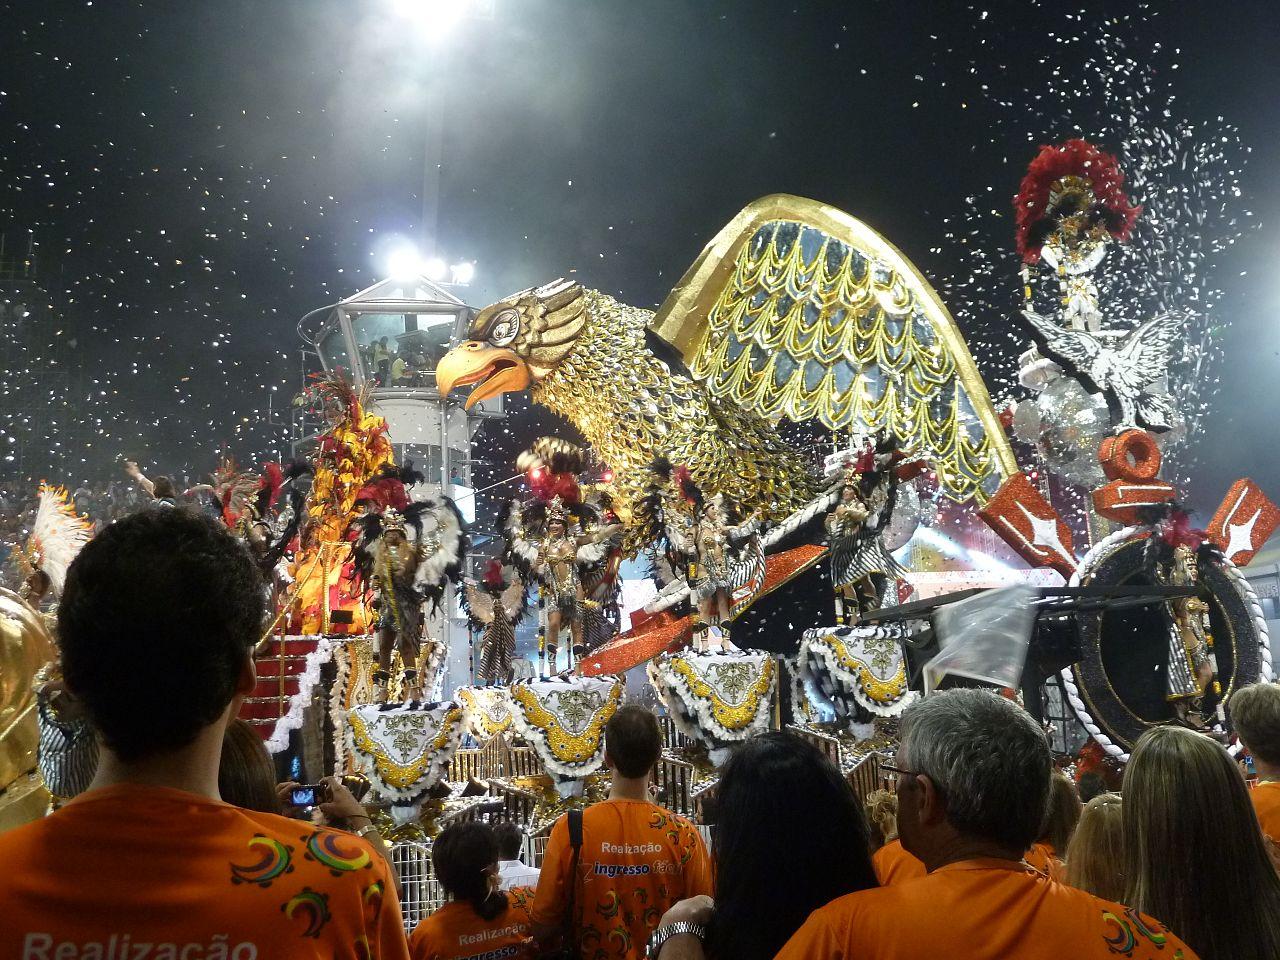 Carnavalul din Sao Paulo